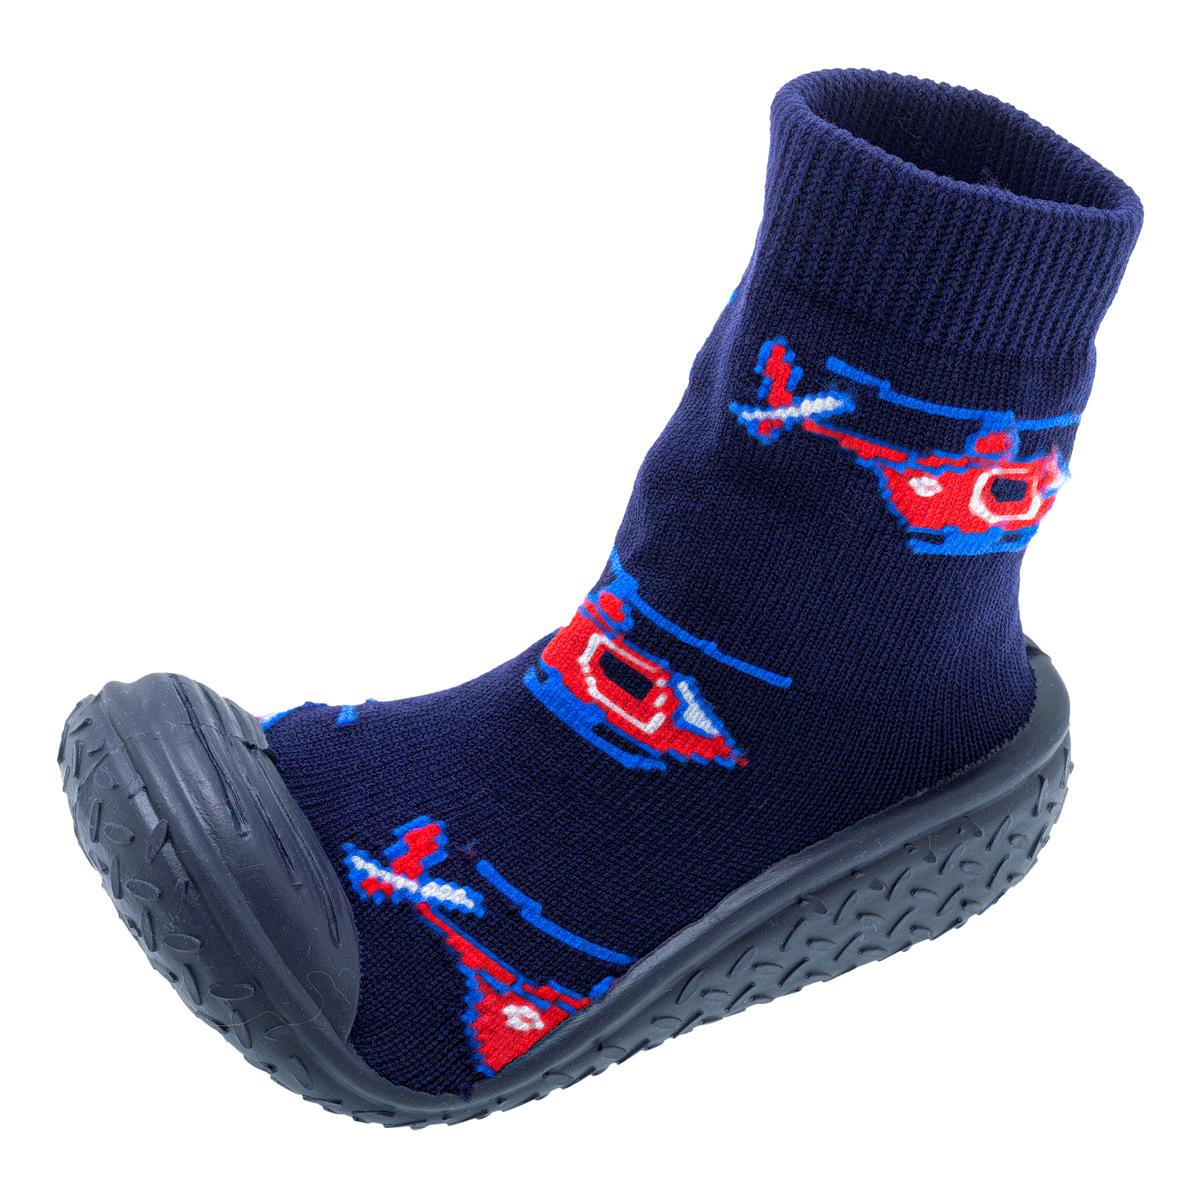 Pantofi De Casa Pentru Copii, Chicco Mordibotti, Albastru, 64721 imagine